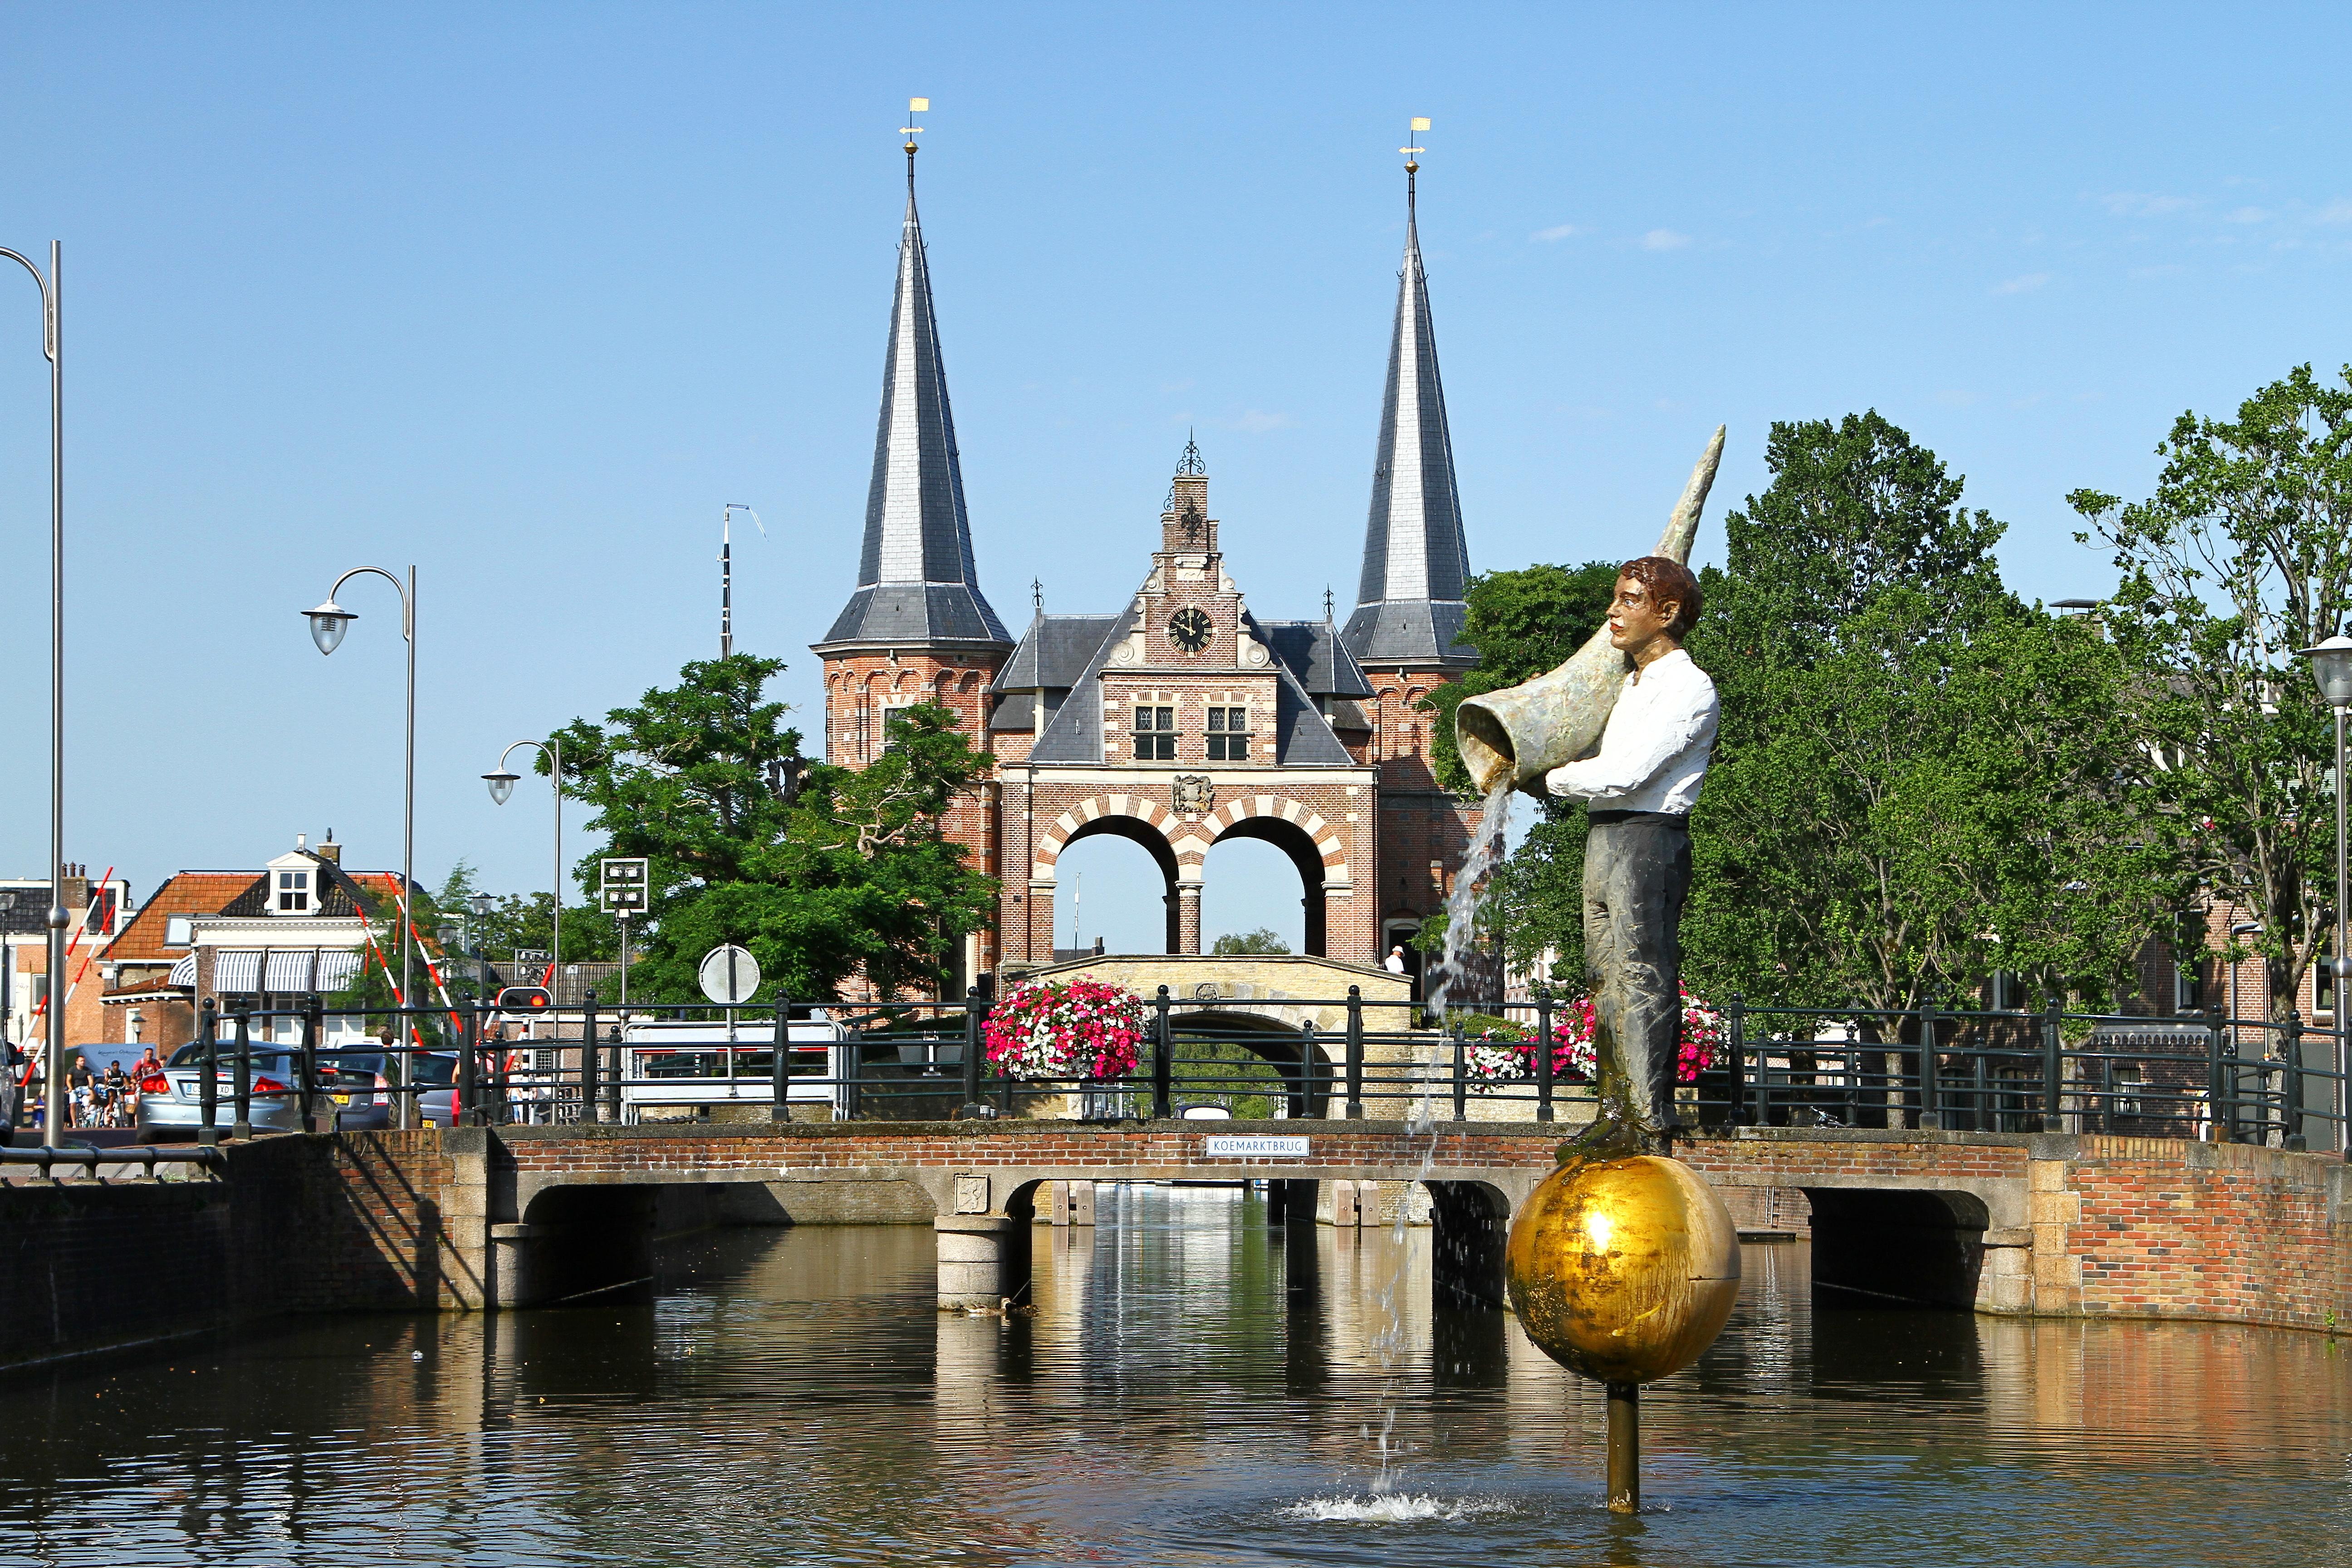 Elfstedentocht fonteinen Friesland Fontein Sneek foto Sybylle Kroon